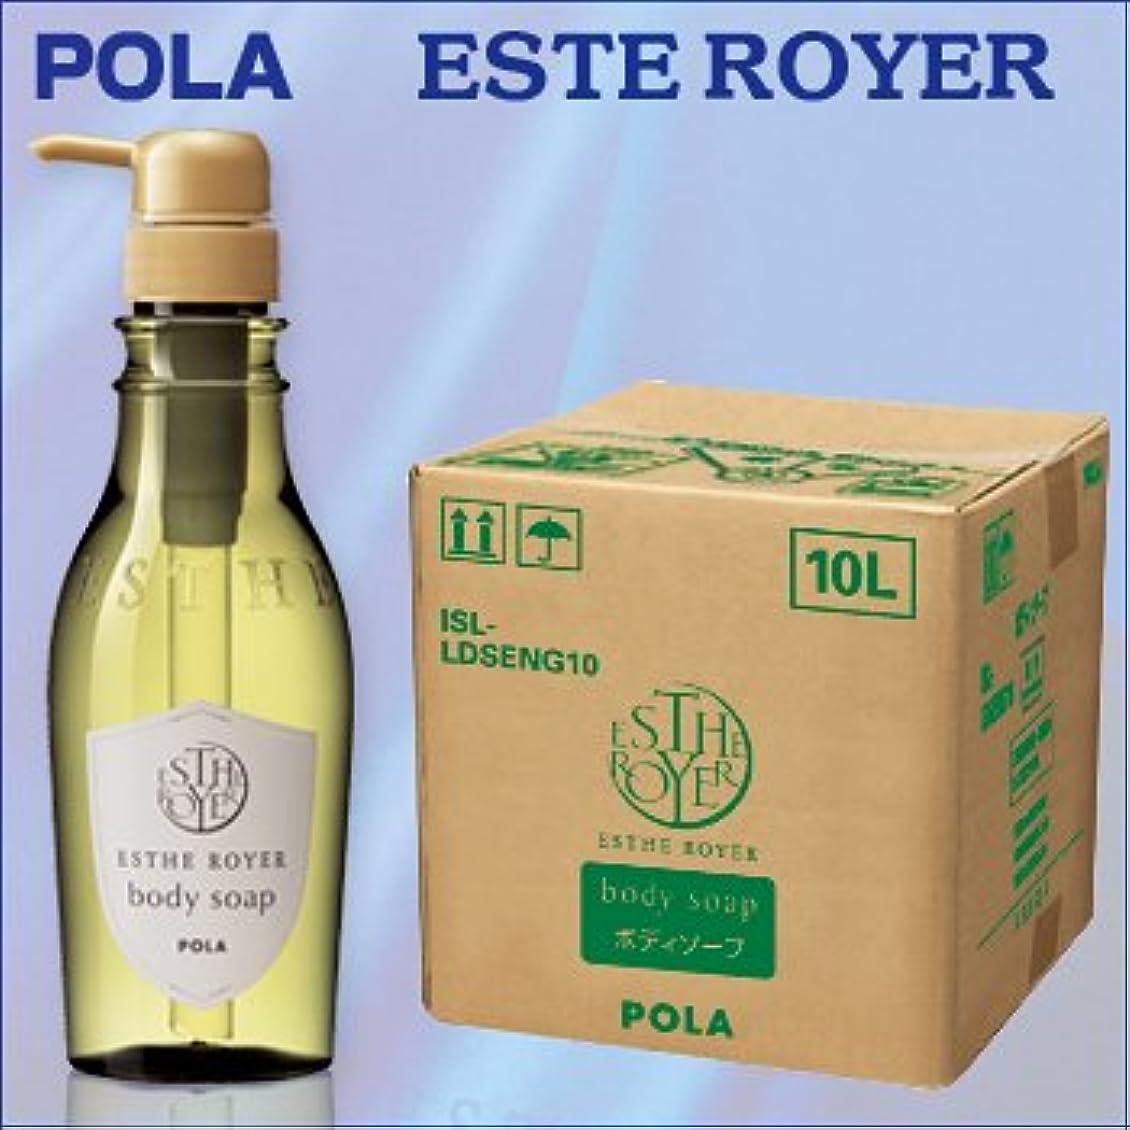 空洞くつろぐ苦悩POLA エステロワイエ 業務用 ボディソープ 10L